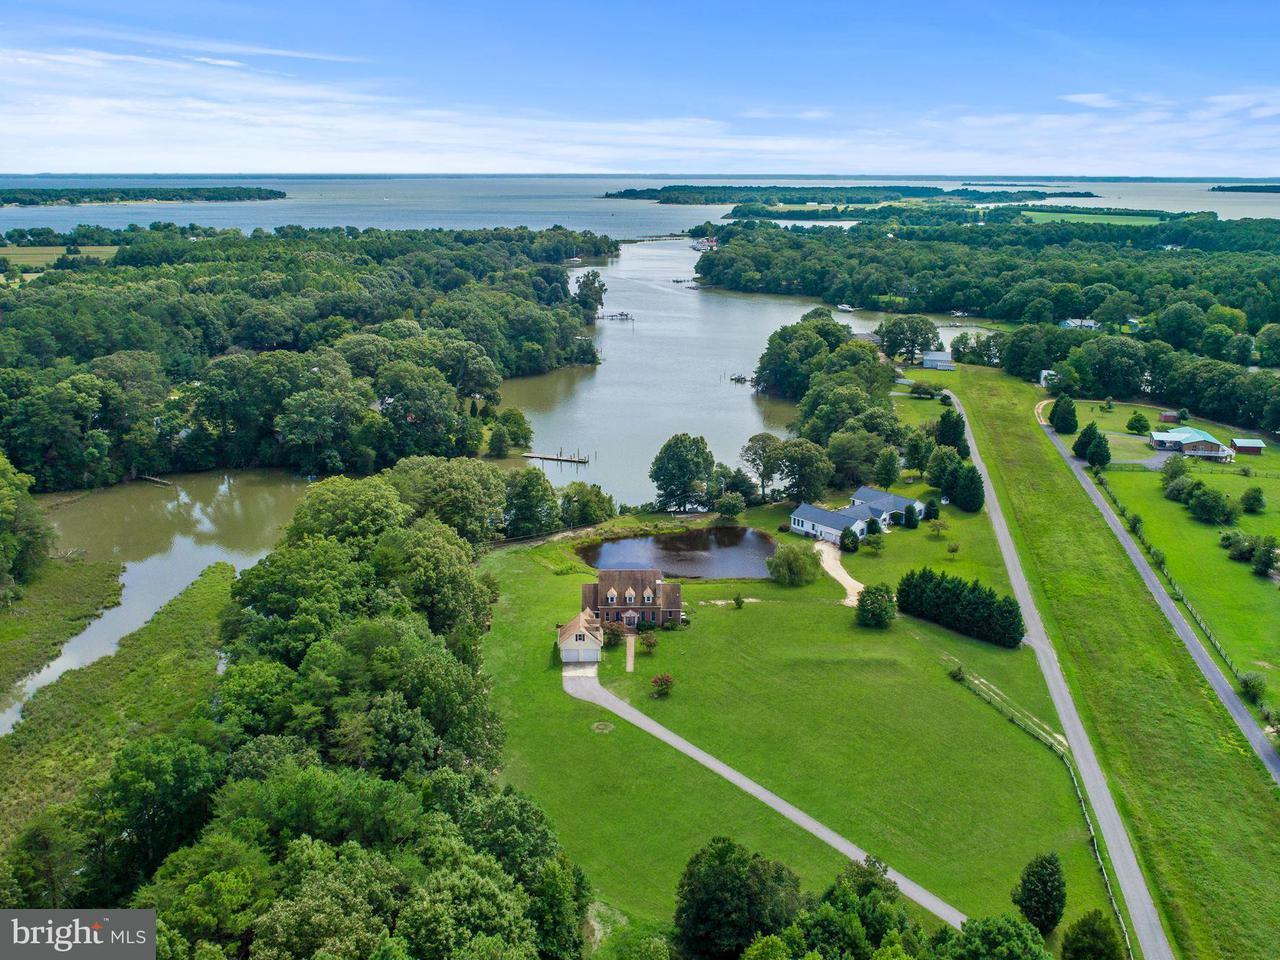 Single Family Home for Sale at 22050 MARANATHA WAY 22050 MARANATHA WAY Leonardtown, Maryland 20650 United States